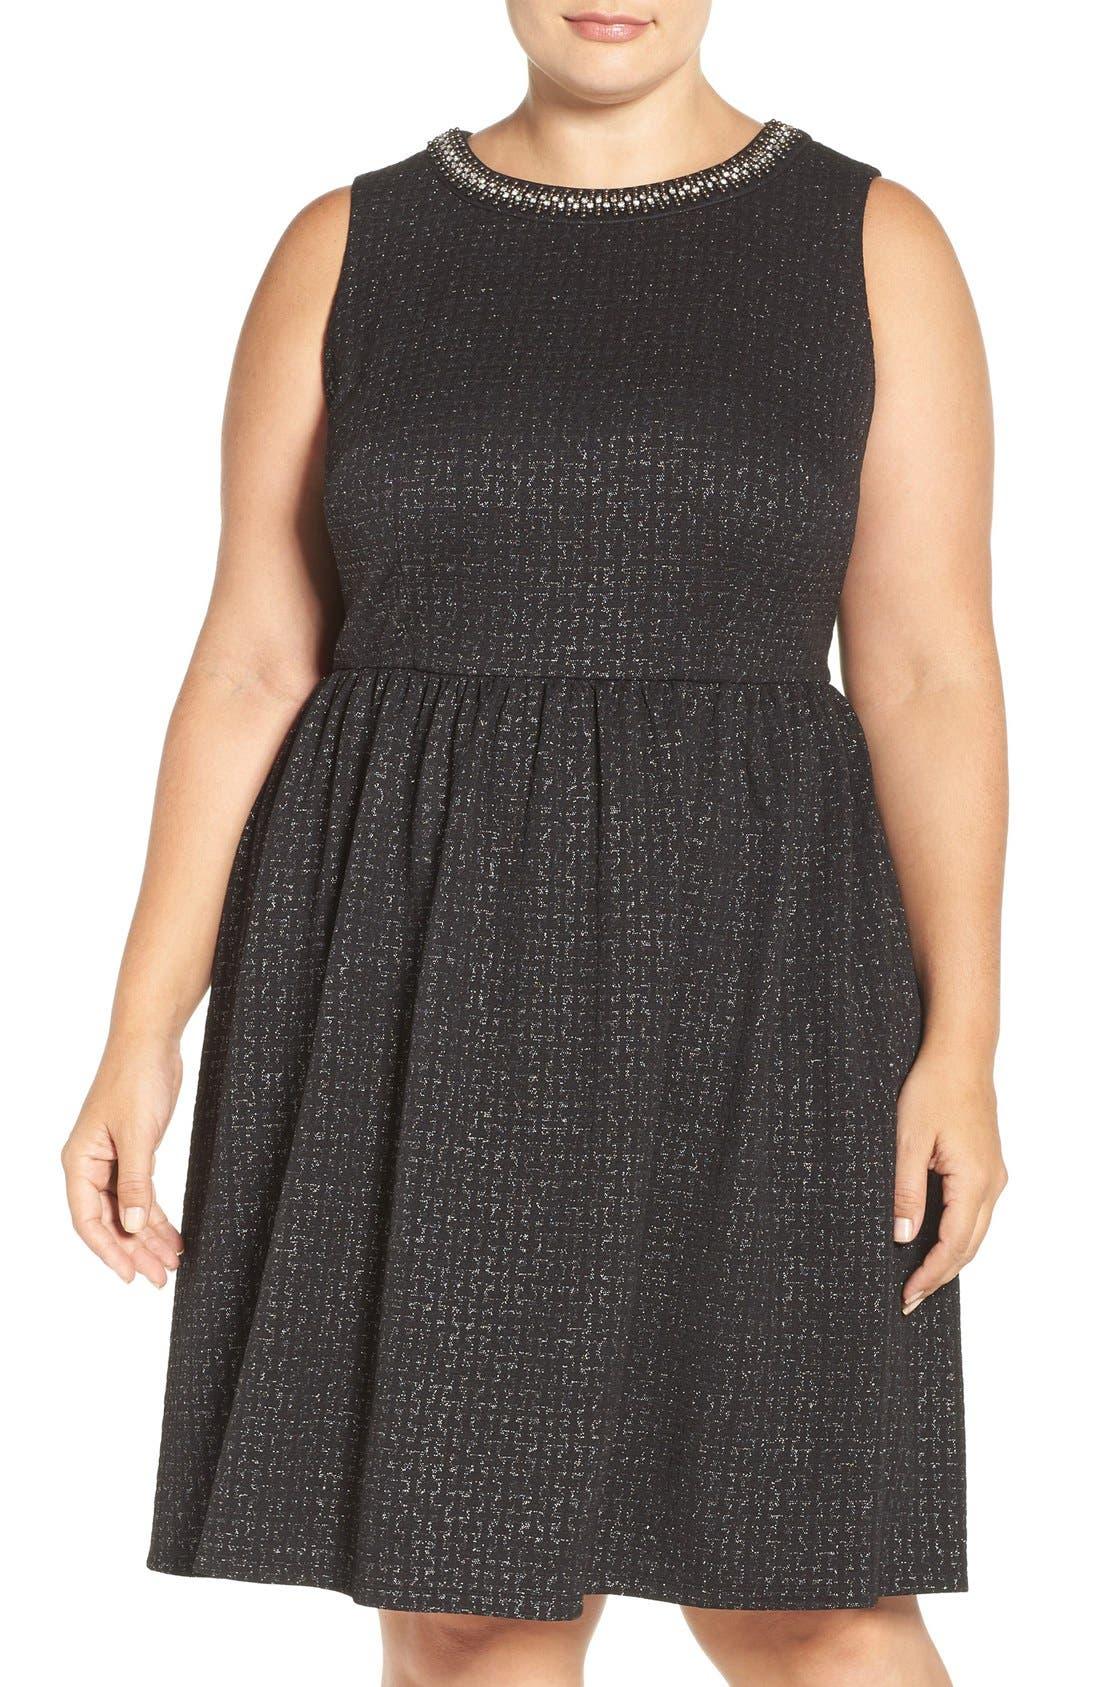 Embellished Stretch Fit & Flare Dress,                         Main,                         color, Black/ Silver